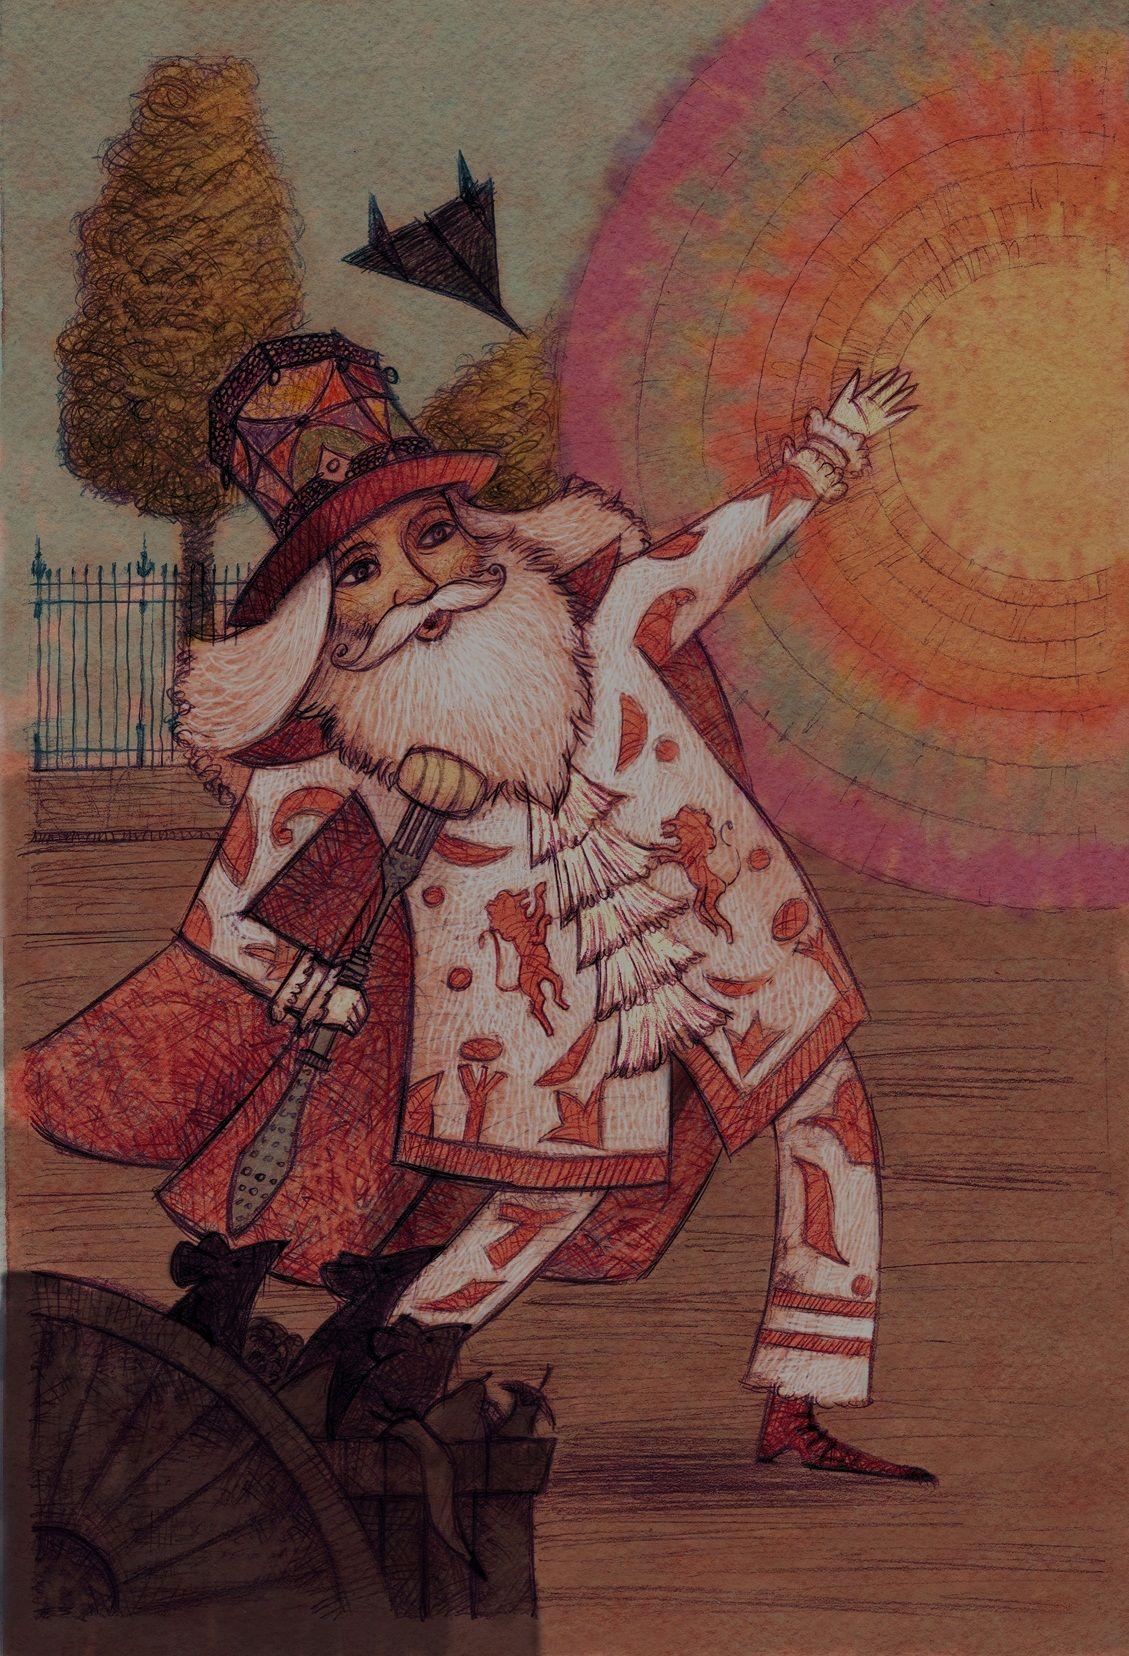 """""""Mistica Maeva e il balcone dei segreti"""" di Laura Walter, illustrazioni di Mauro Evangelista e Marco Lorenzetti, Rizzoli 2015. Originale IV di Copertina."""